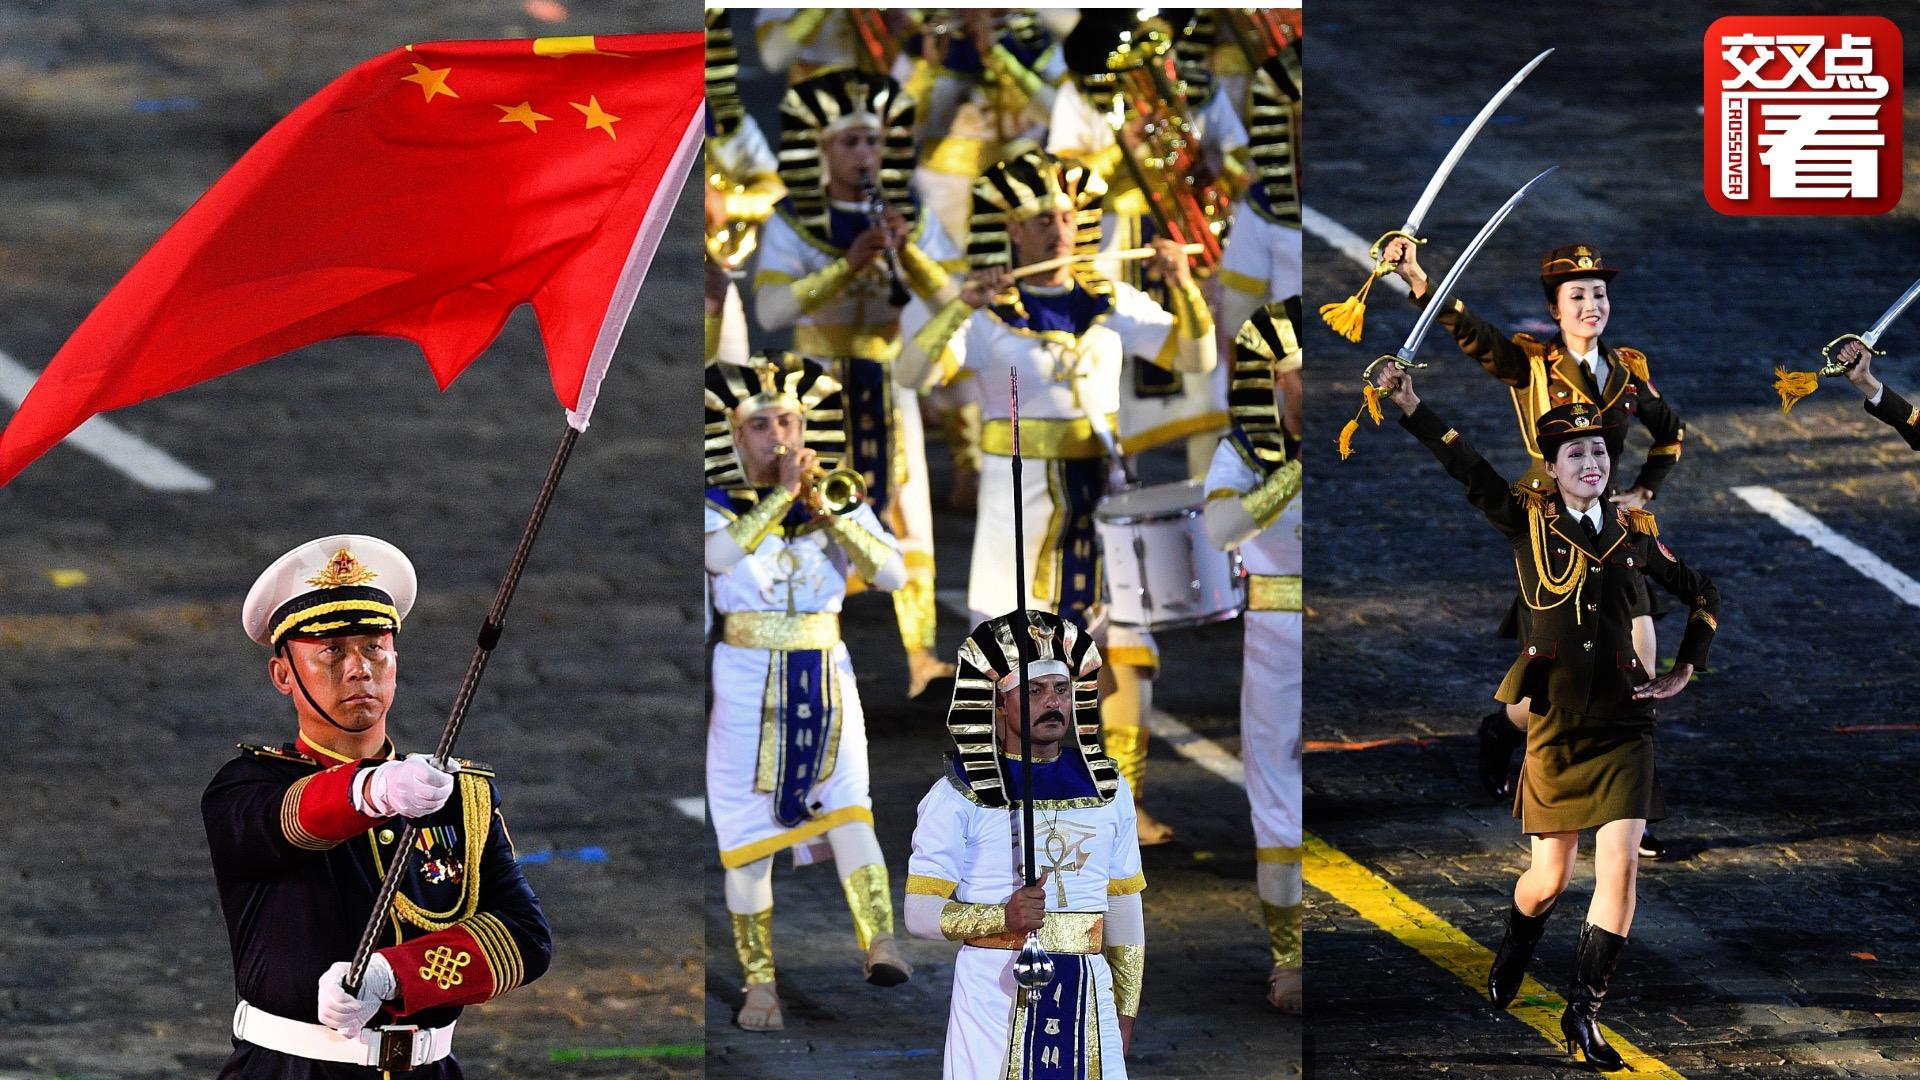 俄罗斯国际军乐节奏响红场 中国解放军惊艳亮相